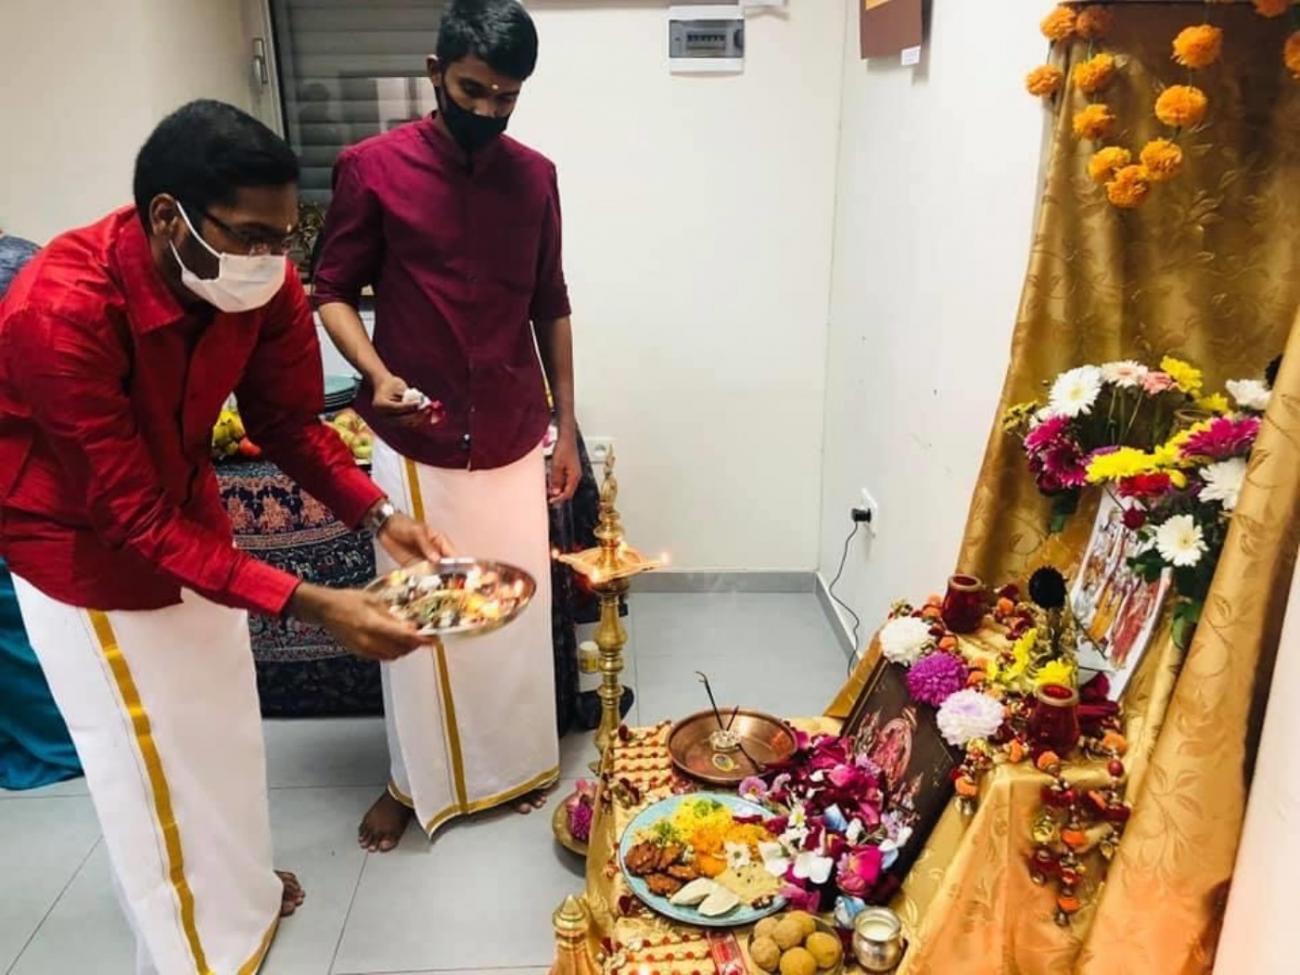 YSMU Indian students celebrated Ganesh Chaturthi festival